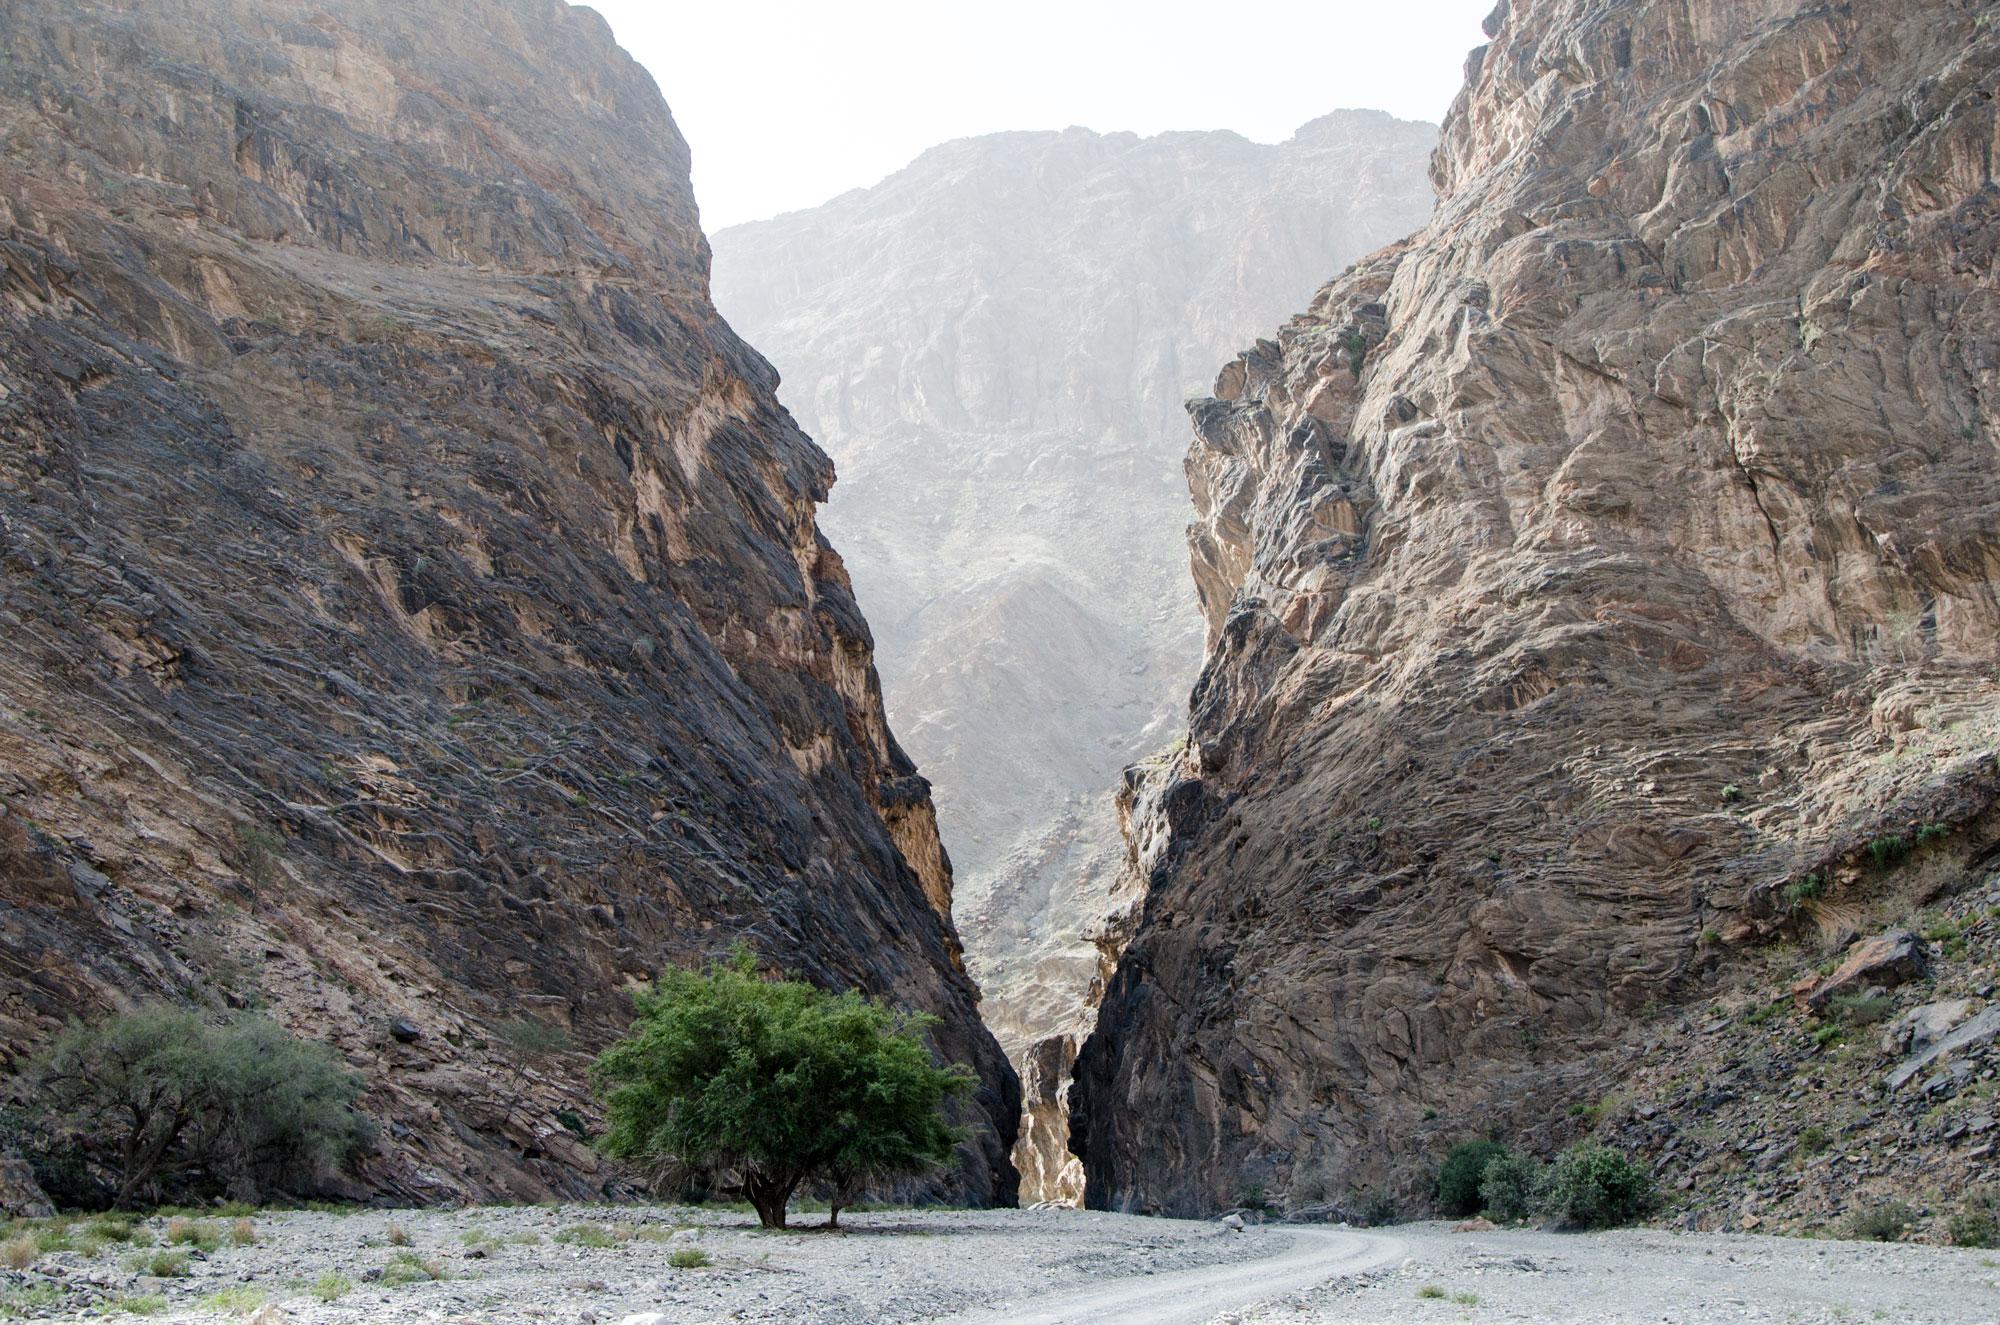 Die Straße im Wadi Bani Awf führt durch eine Felsenge. Foto: Lothar Ruttner